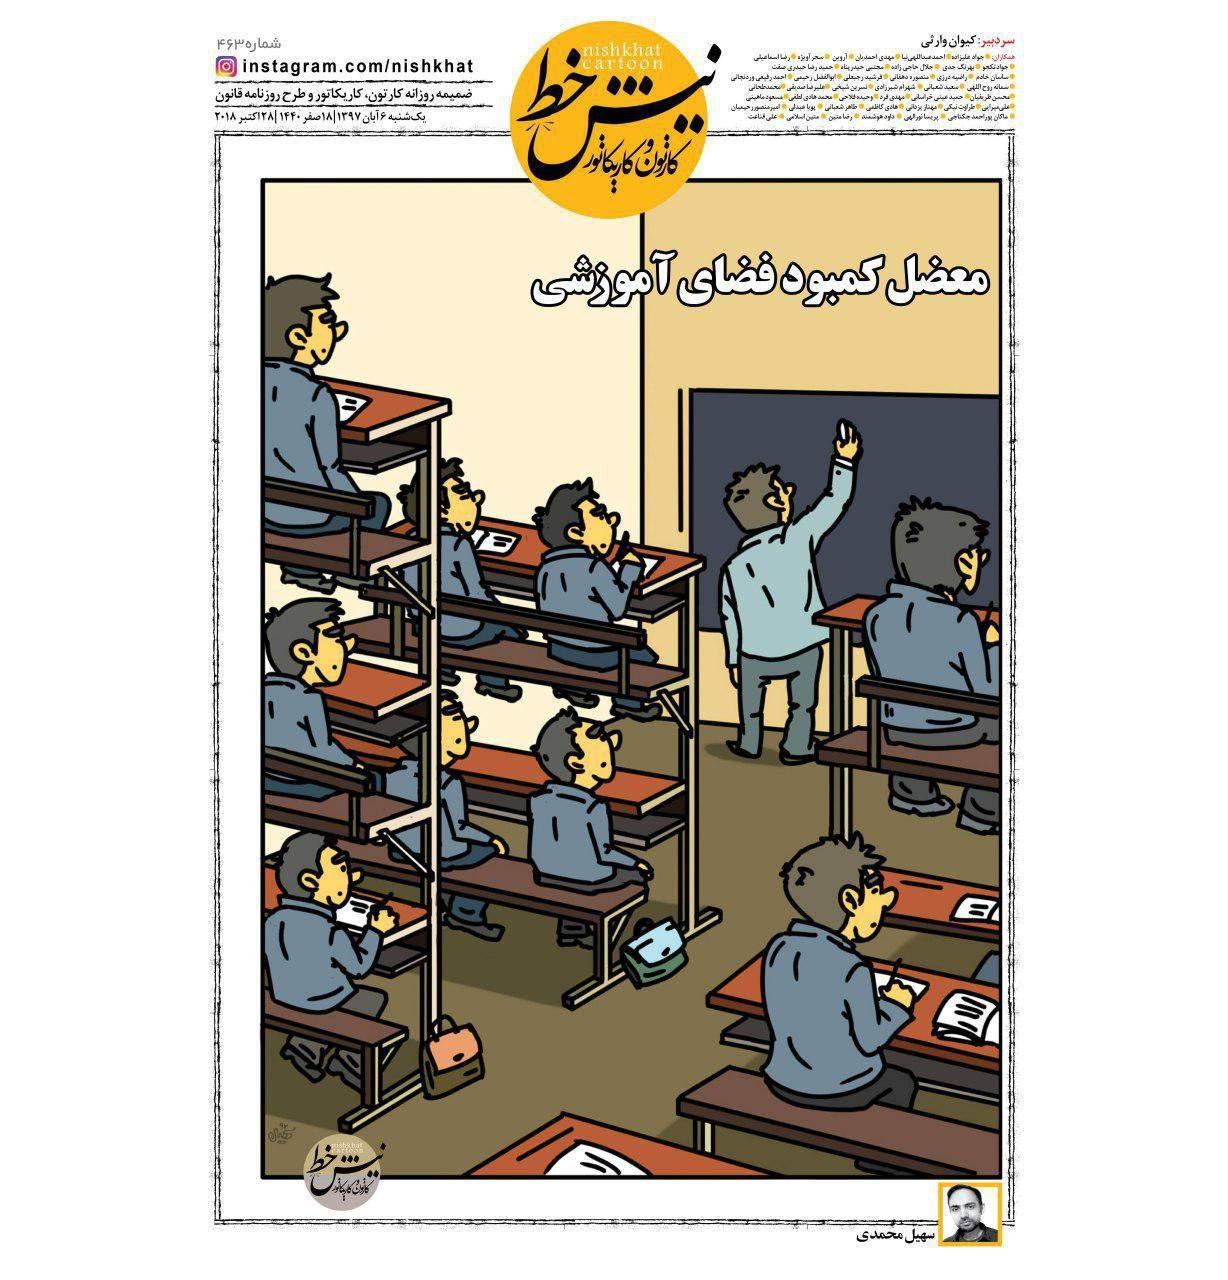 کارتون کمبود فضای آموزشی,کاریکاتور,عکس کاریکاتور,کاریکاتور اجتماعی